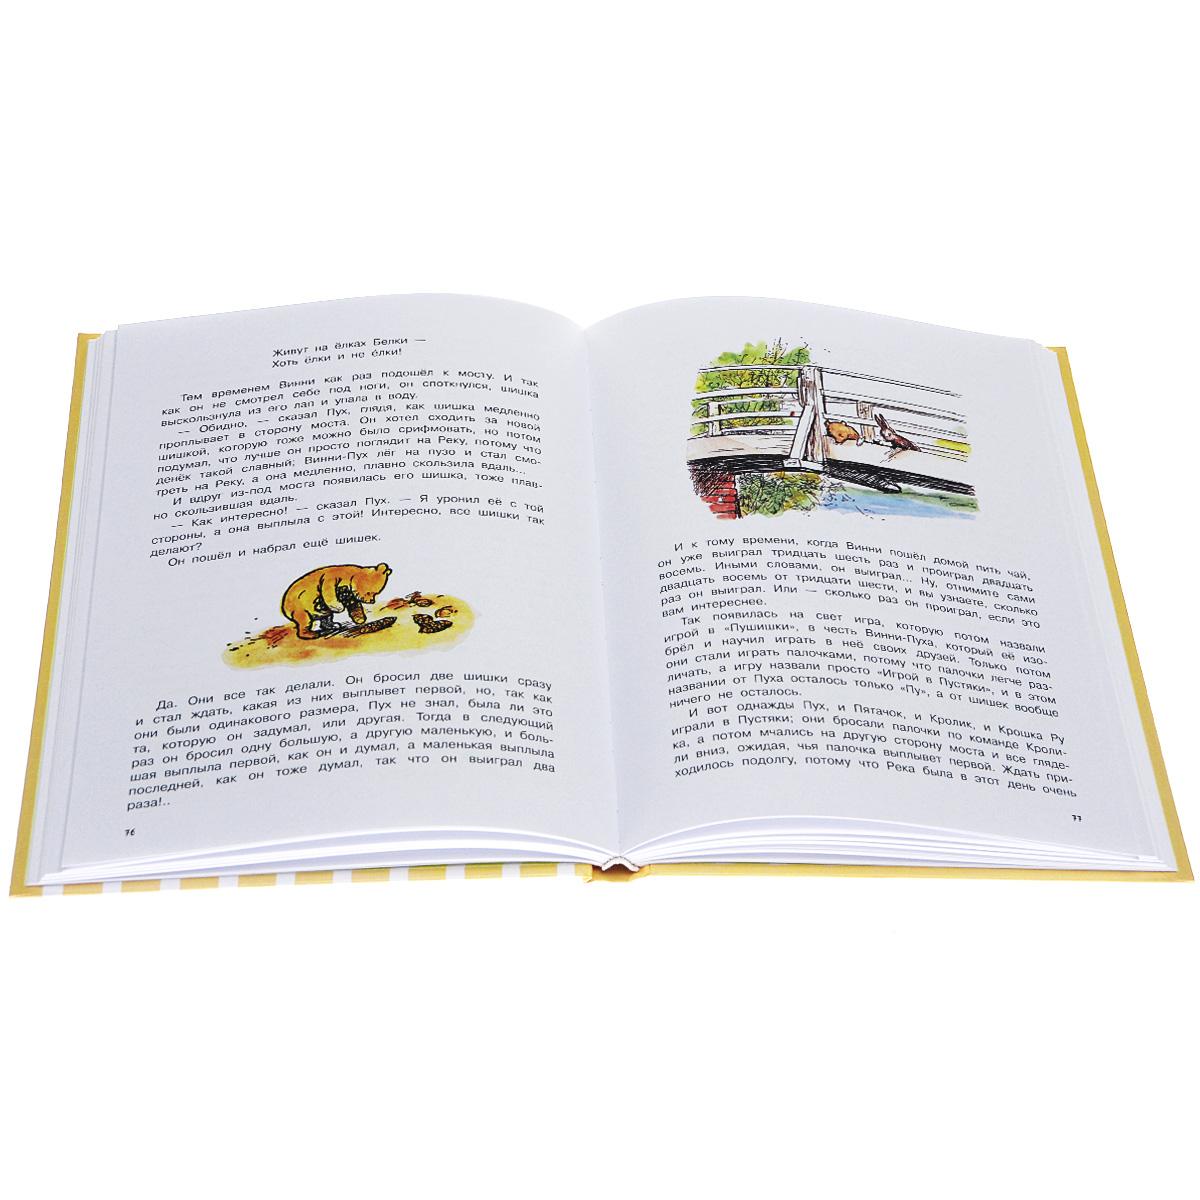 Винни-Пух. Дом на пуховой опушке. Винни-Пух. Золотой ключик, или Приключения Буратино. Питер Пэн (комплект из 4 книг)